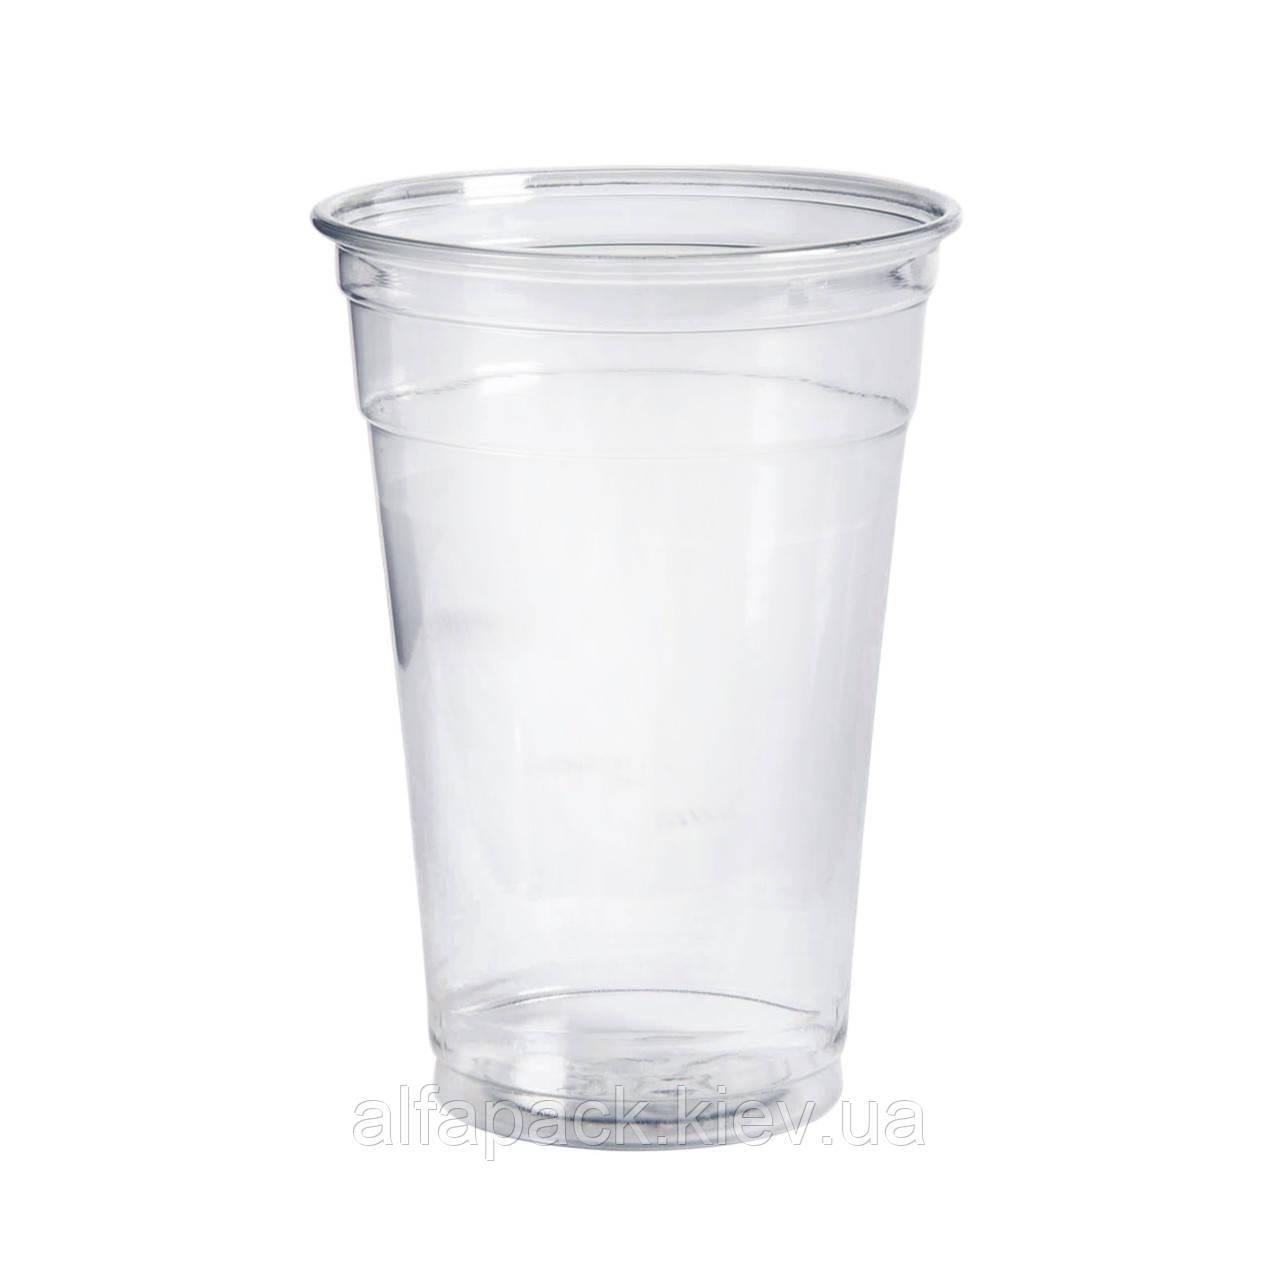 Стакан пластиковый прозрачный 500 мл